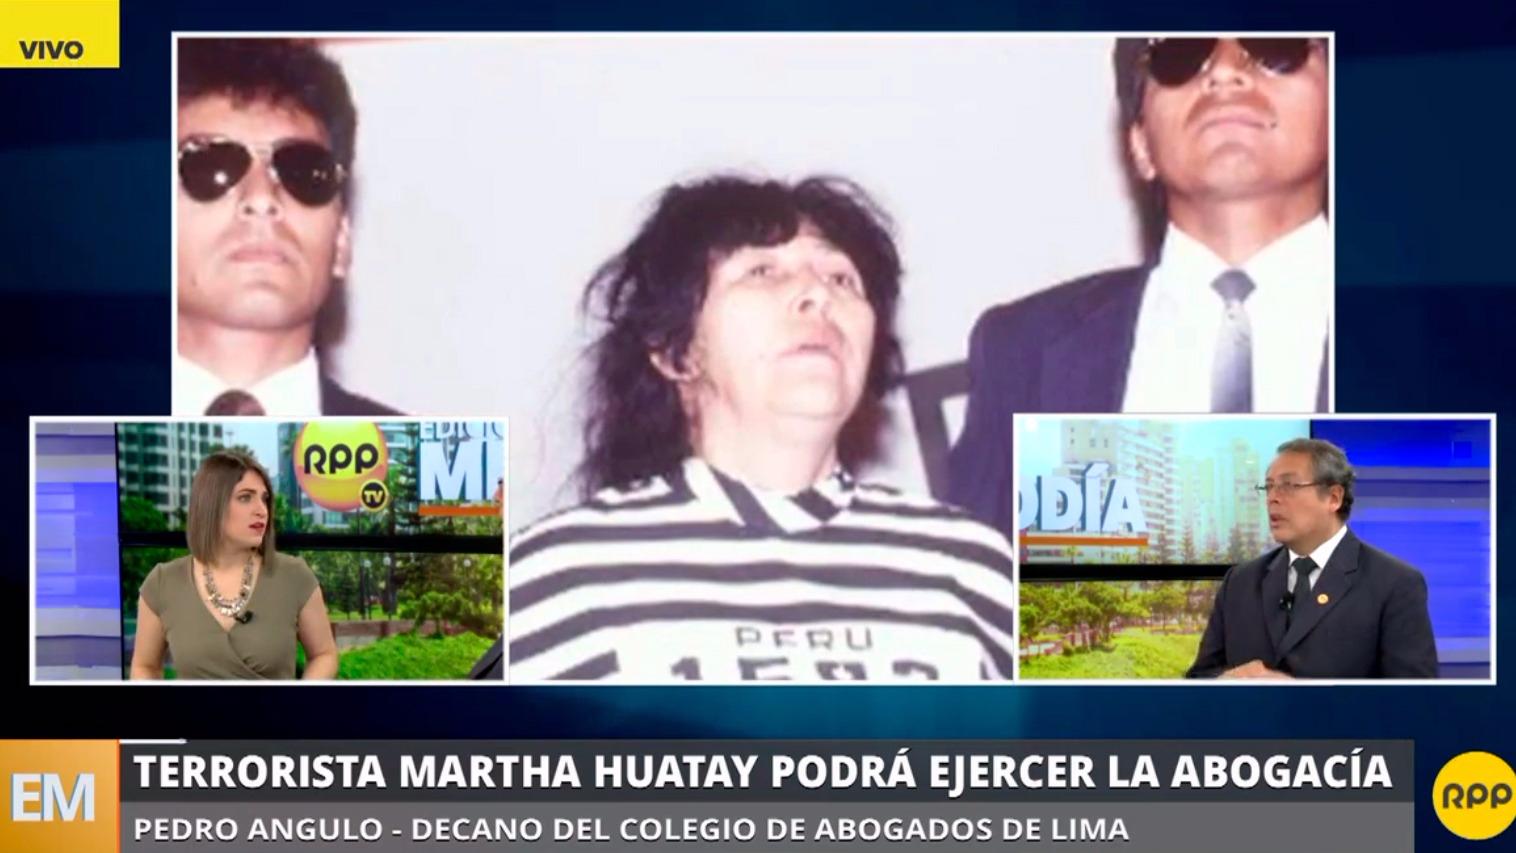 El decano del colegio de abogados de Lima dijo que en su sentencia Martha Huatay no menciona su inhabilitación.